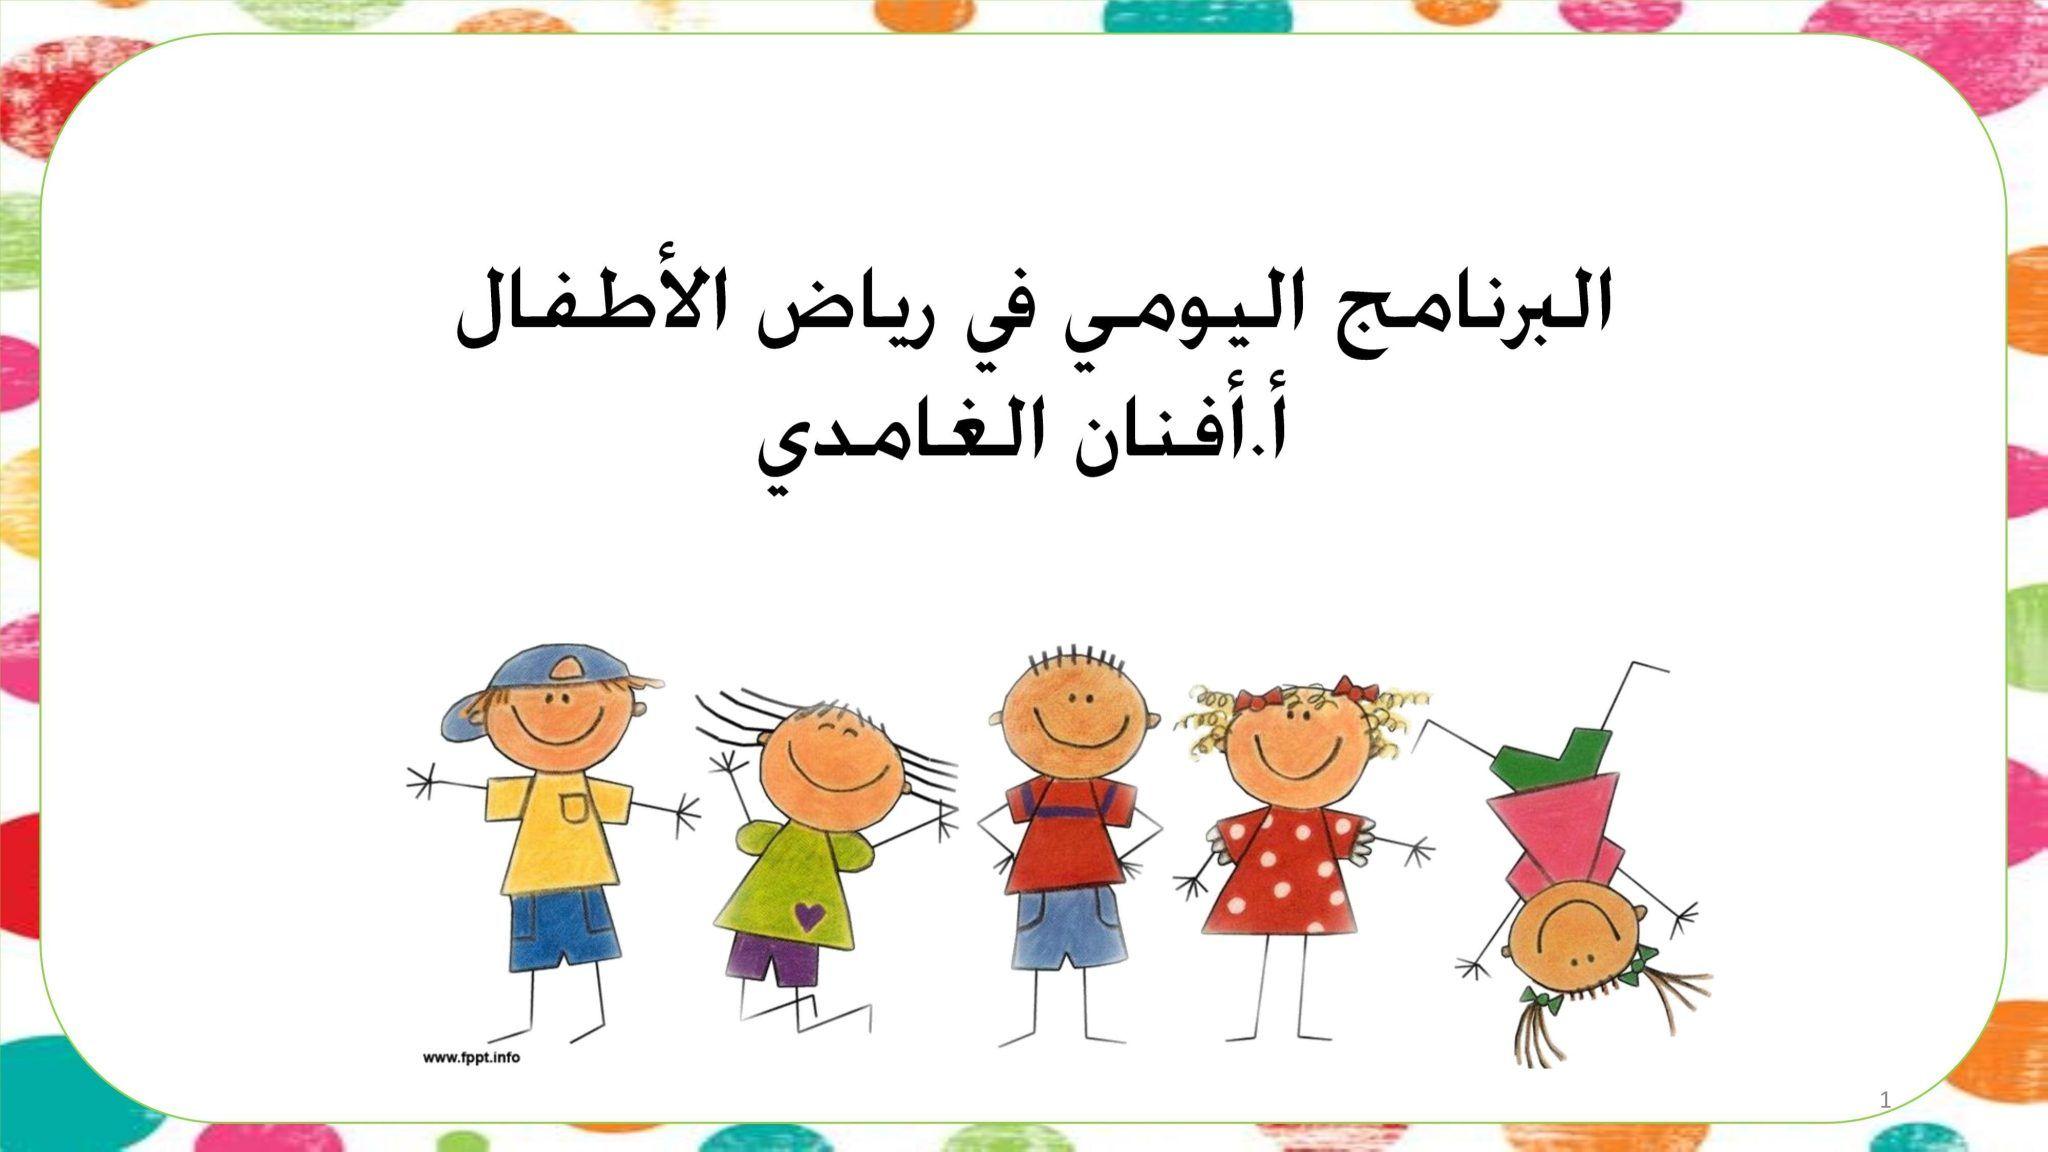 البرنامج اليومي الذي يقوم به الطفل في رياض الاطفال Activities Comics